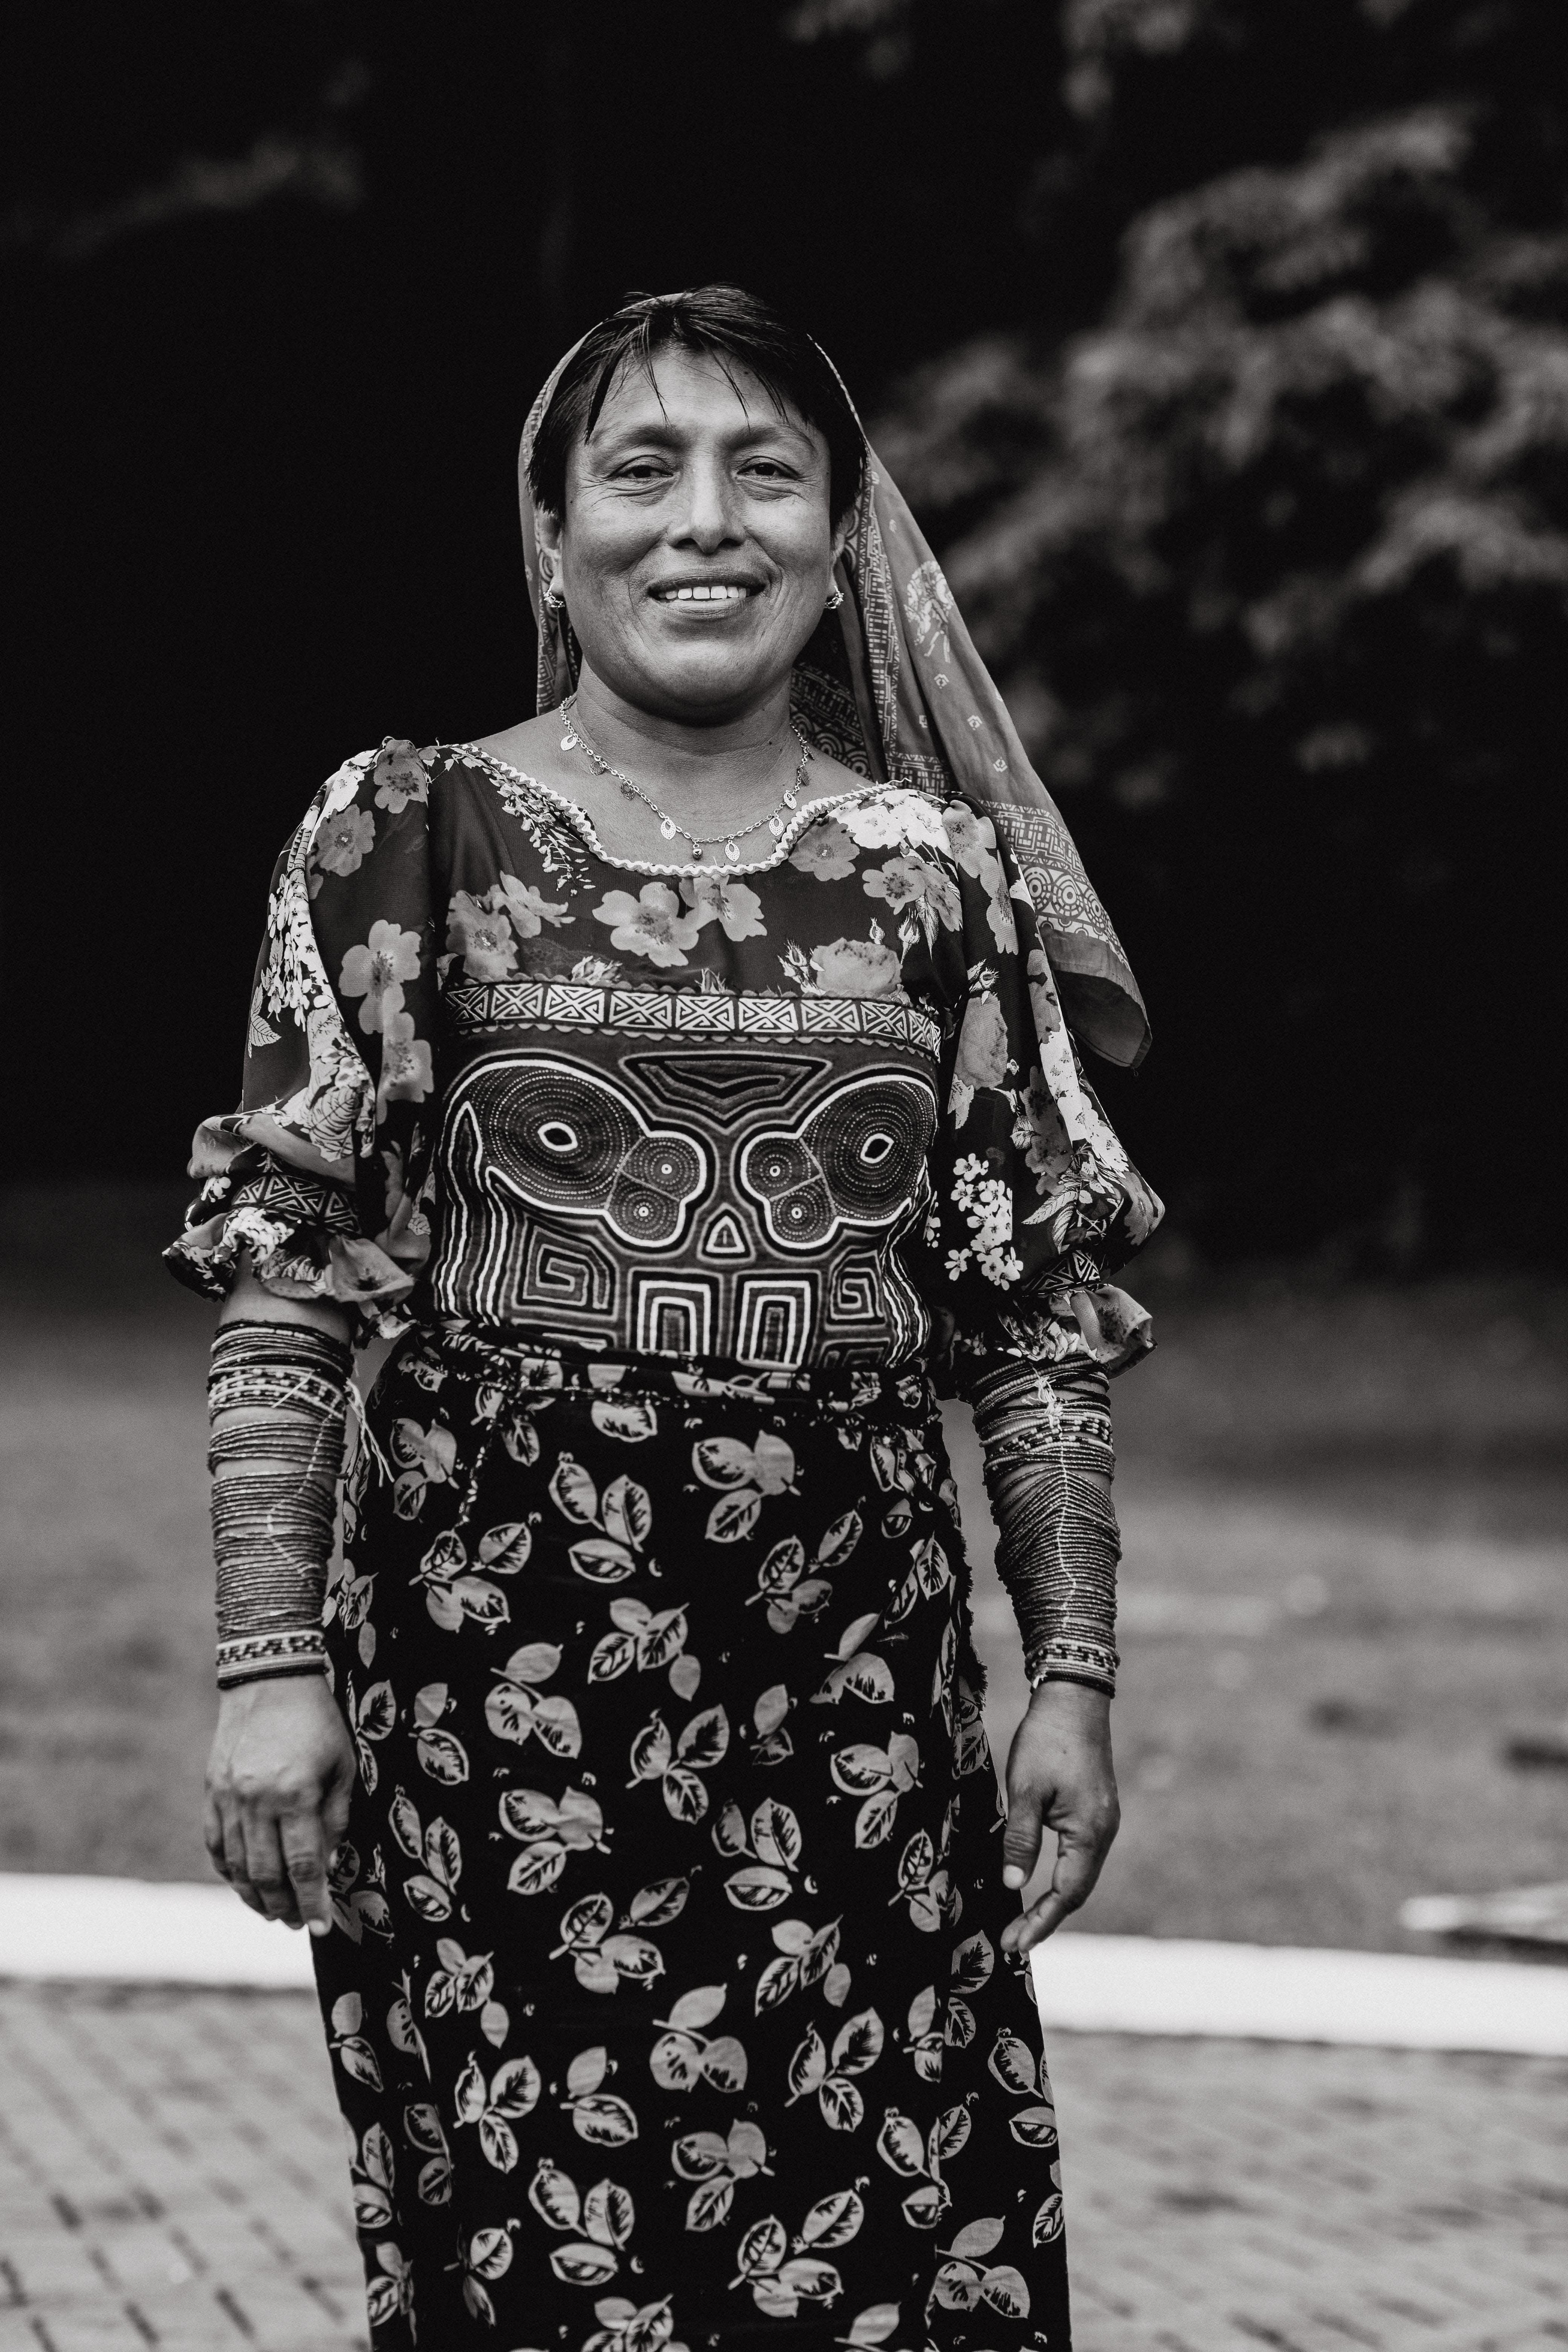 Fotos de stock gratuitas de blanco y negro, desgaste, expresión facial, fondo borroso